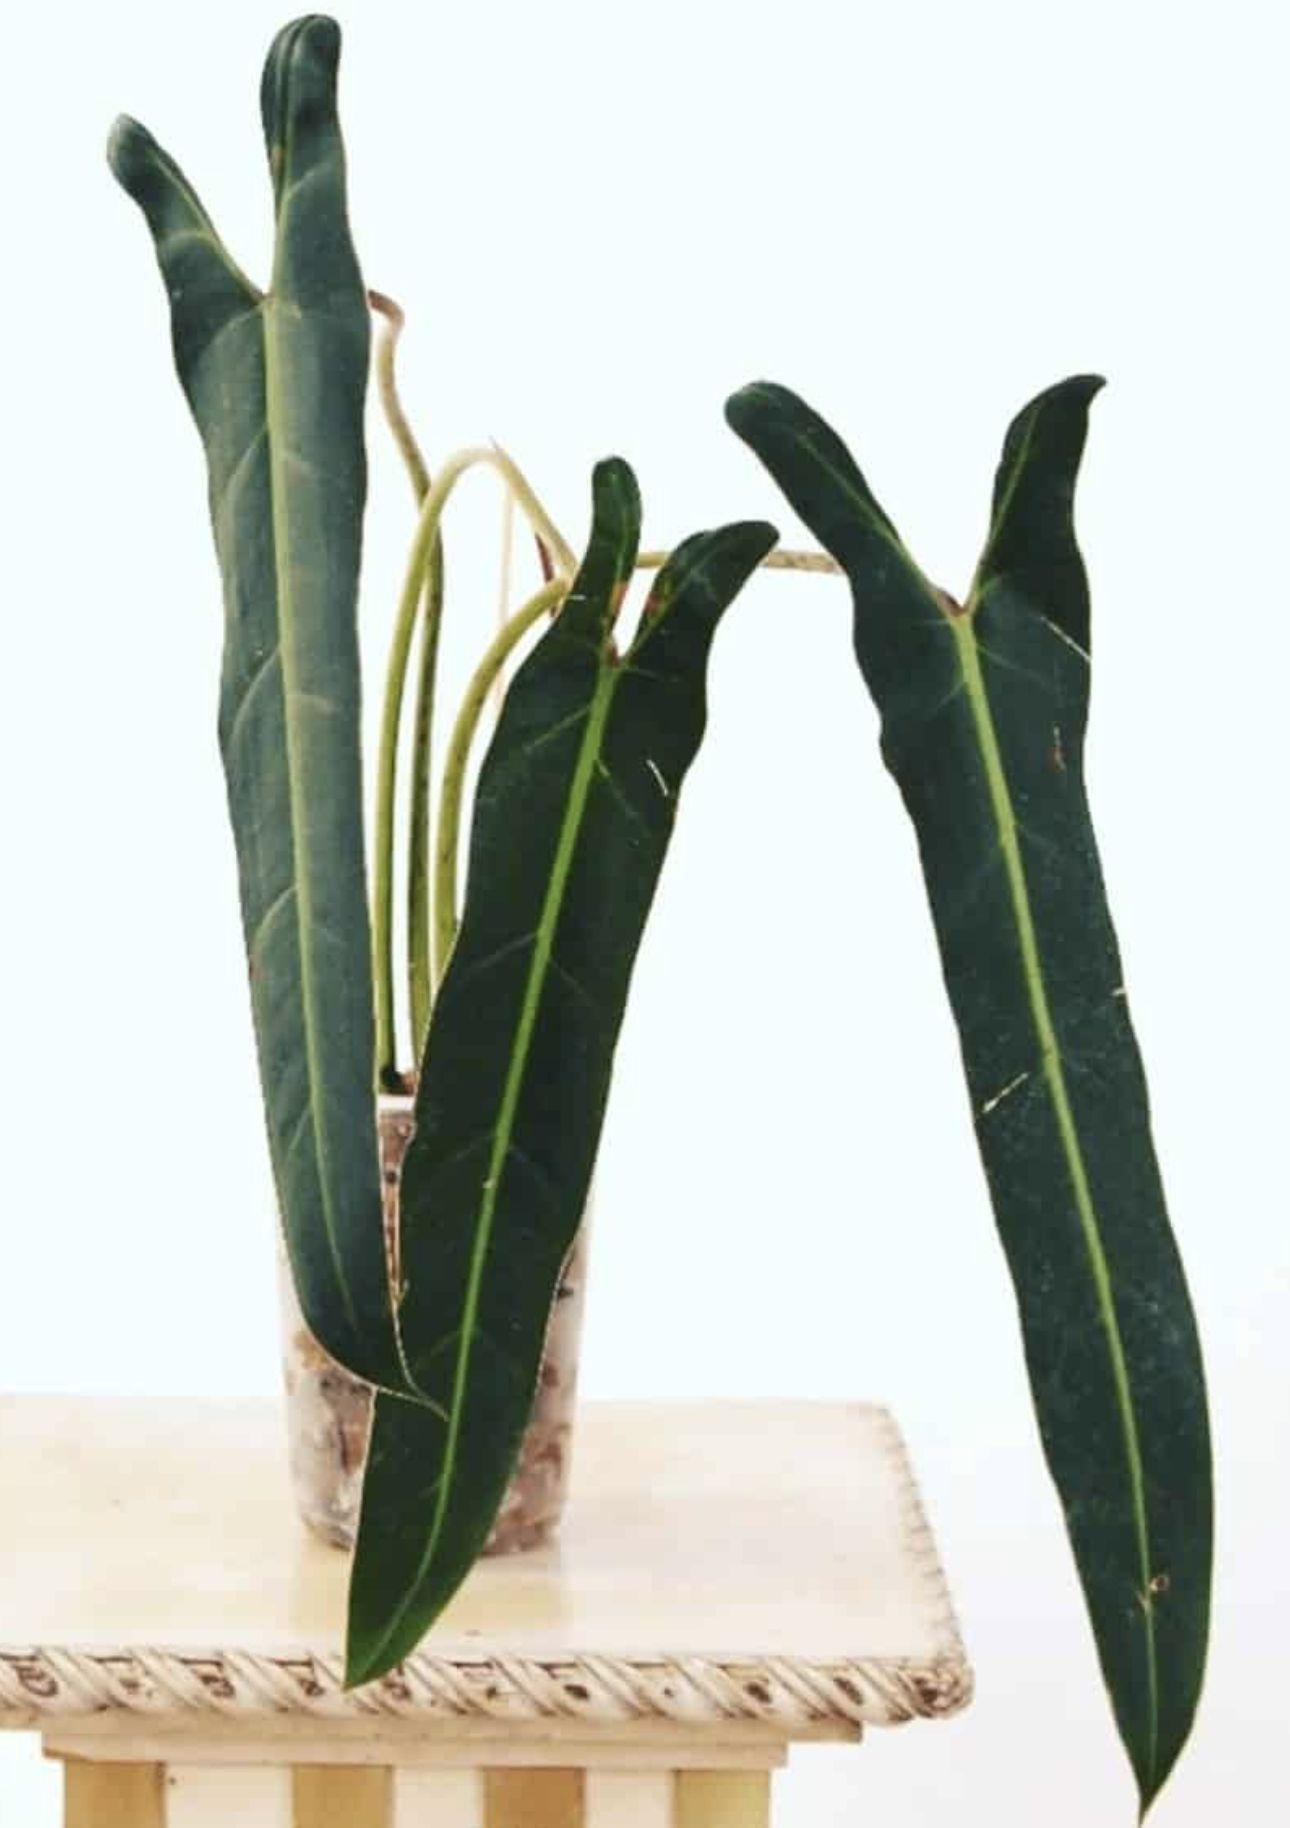 Philodendron Spiritus sancti